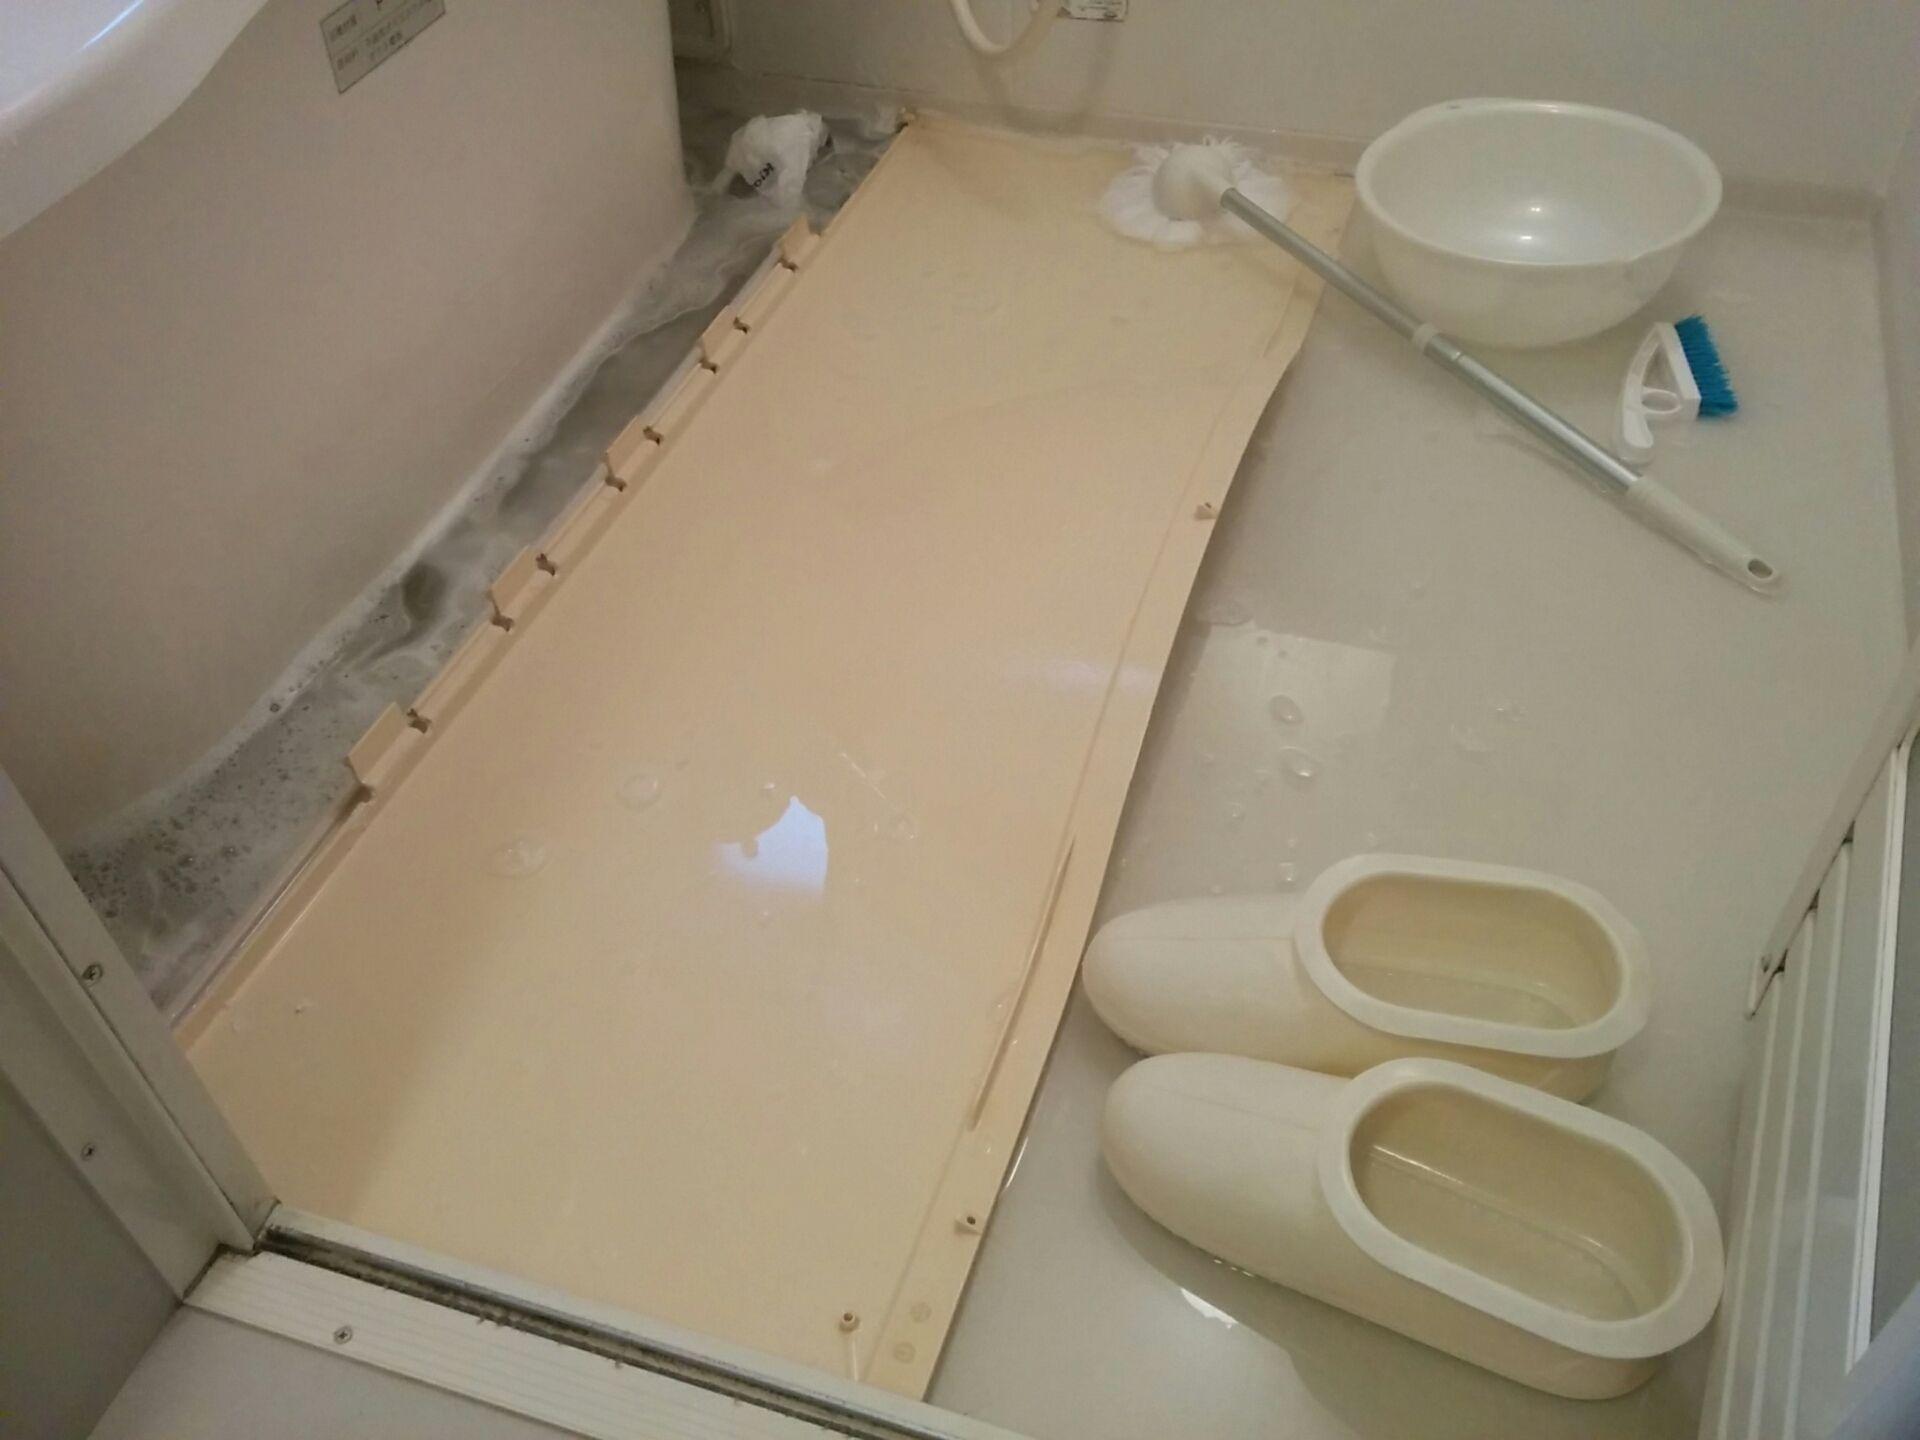 お風呂の大掃除といえば オキシクリーン 節約ママのこだわり掃除